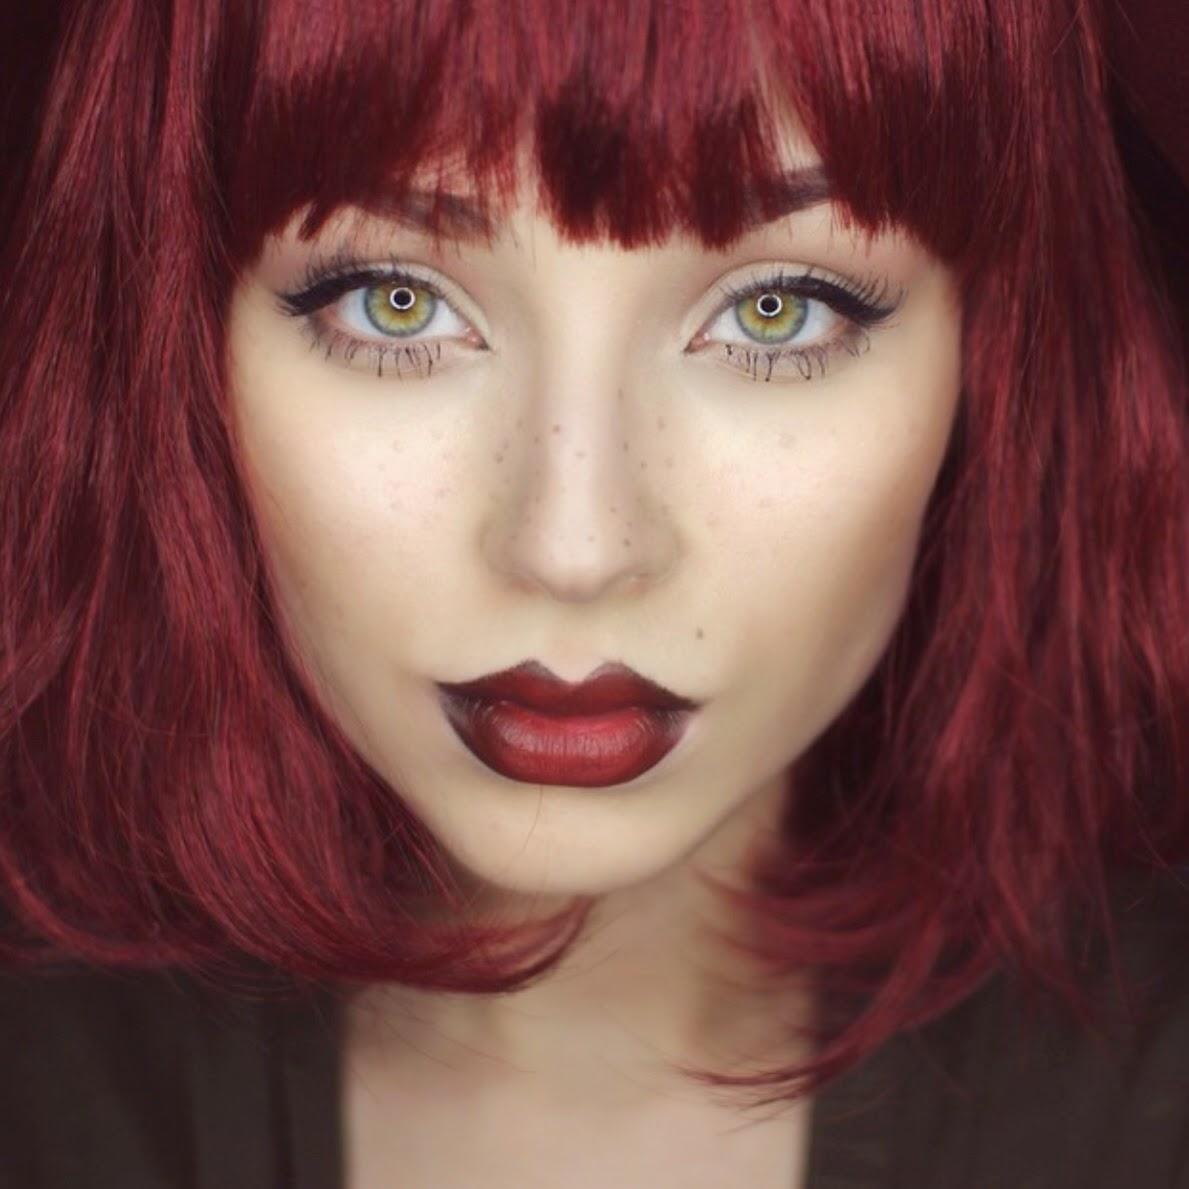 какой цвет волос выделяет зеленые глаза